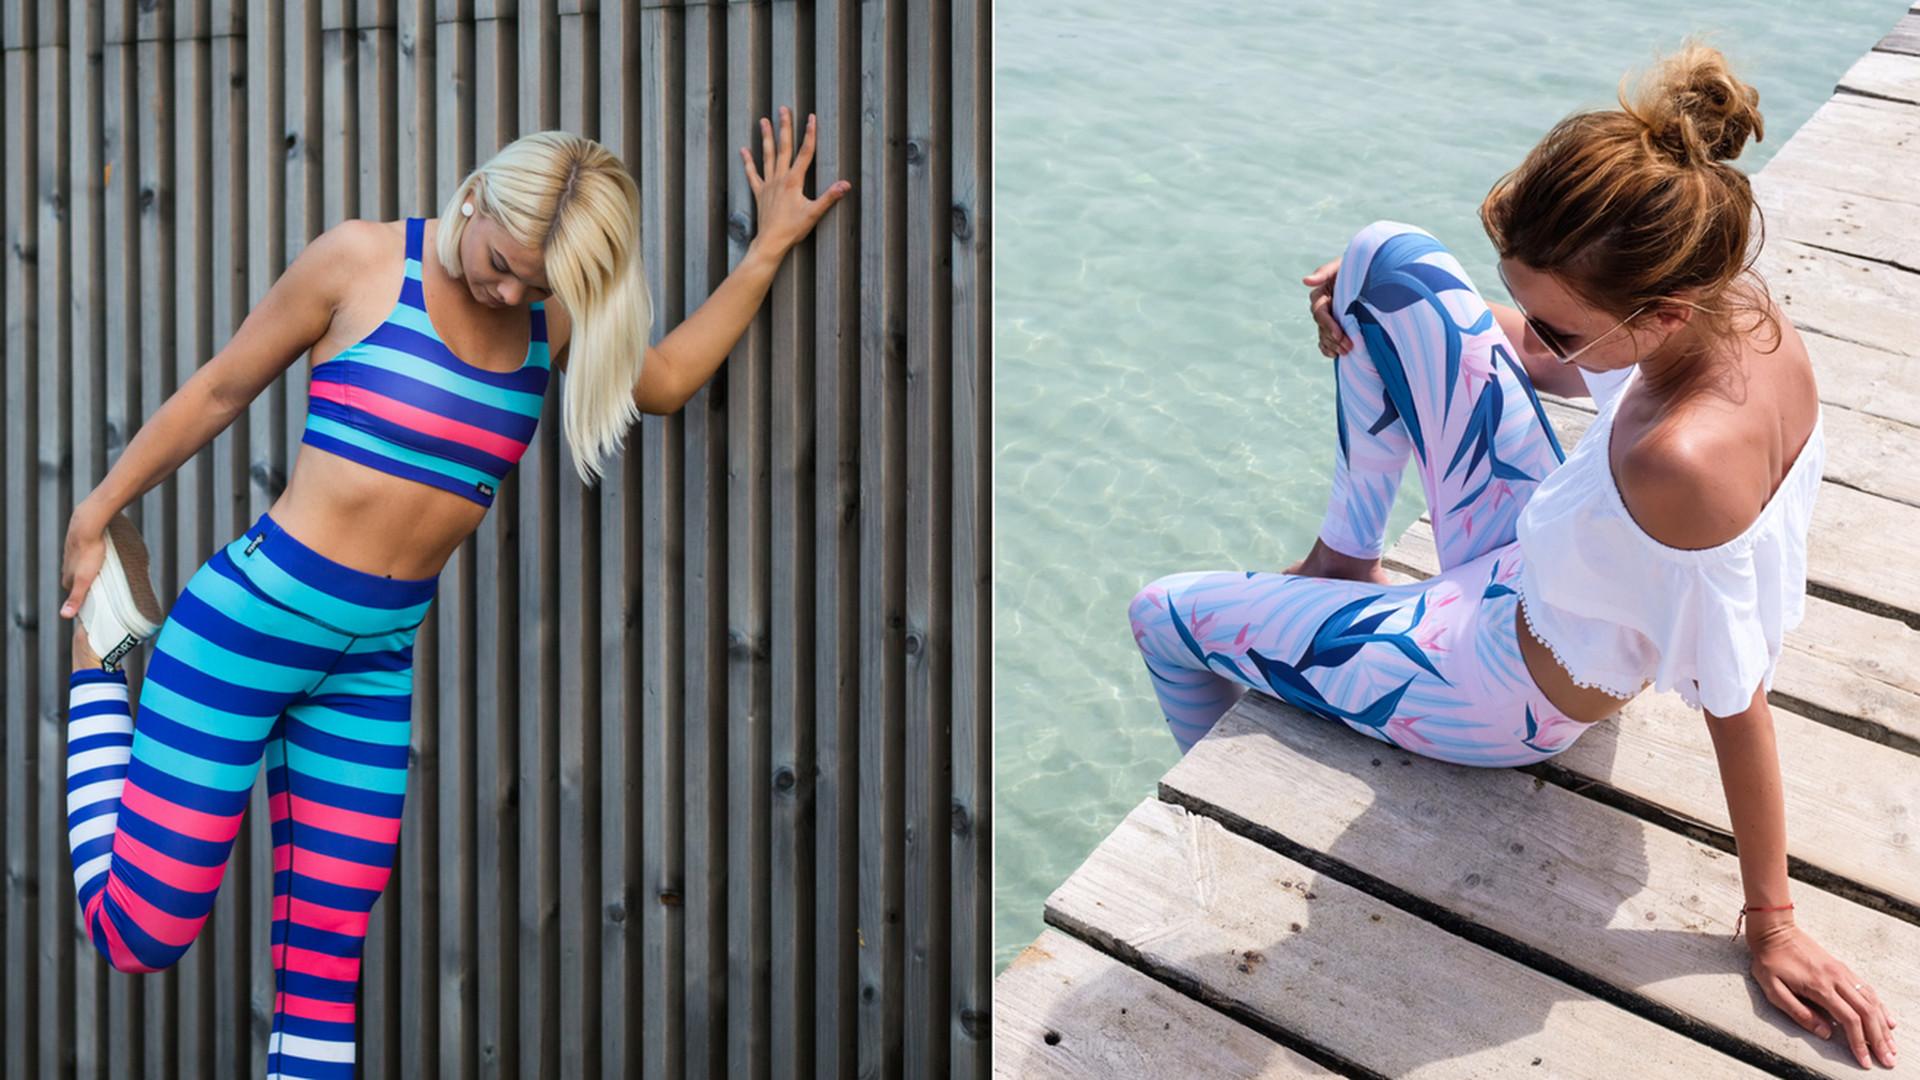 7fdf1d11effd Šikovní Slováci vyrábajú krásne a pohodlné športové oblečenie z  recyklovaných PET fliaš